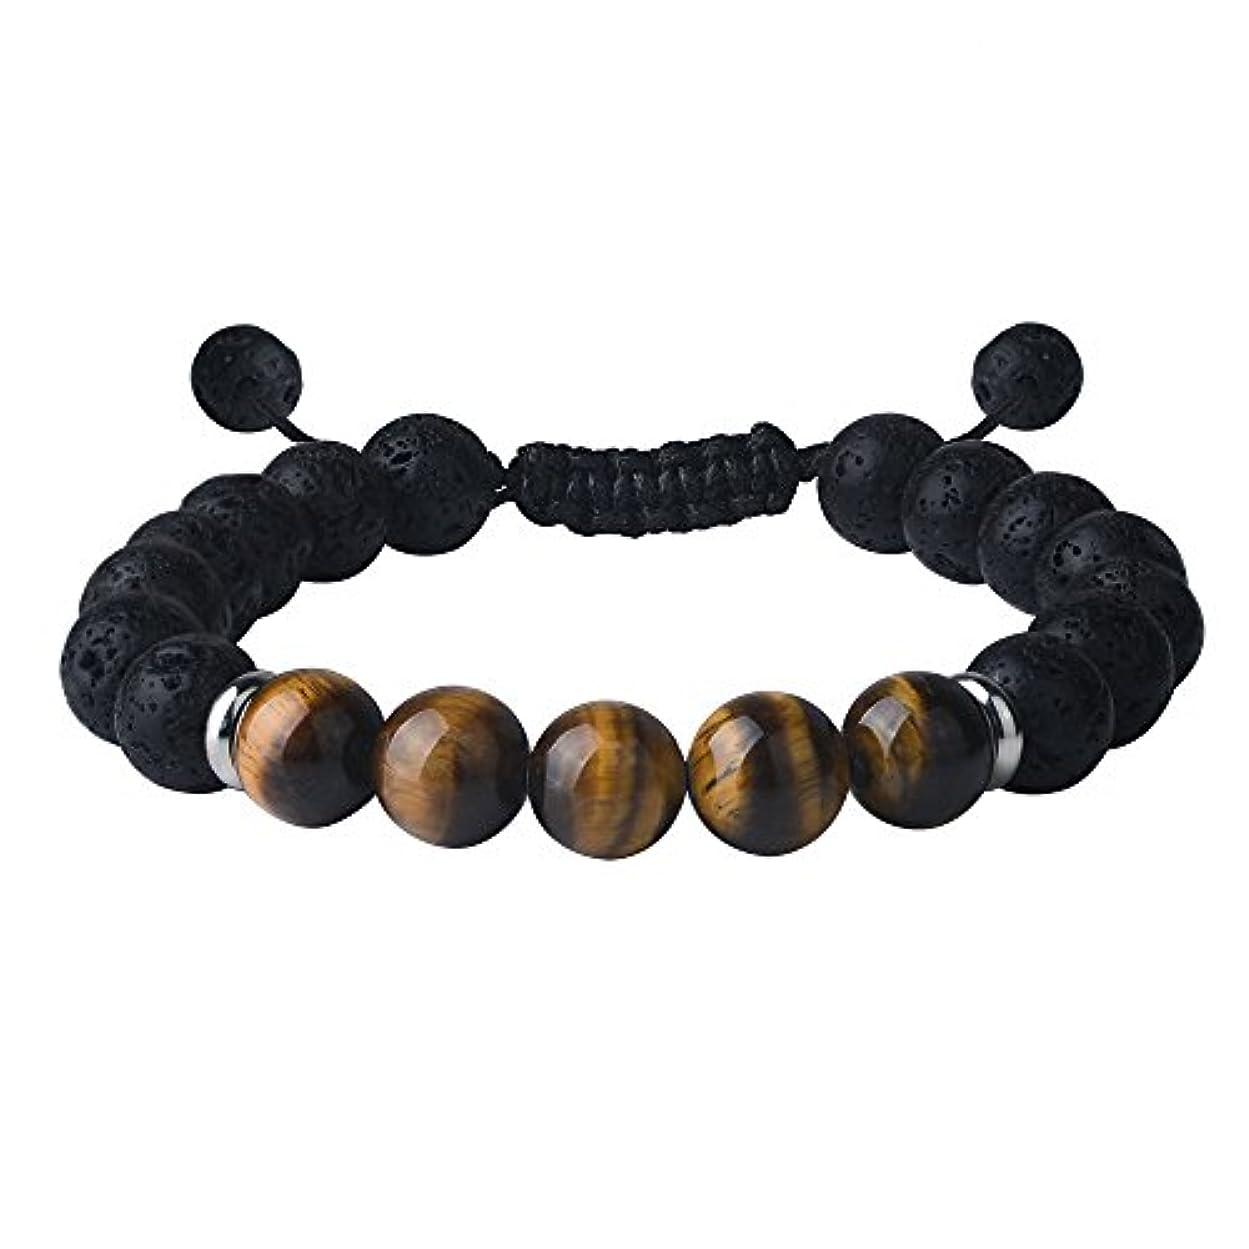 輝く巻き取り未就学Tiger Eyeブレスレットメンズレディース's-lava Rock andブラックオニキス宝石ビーズ調節可能なジュエリー、10 mm、8